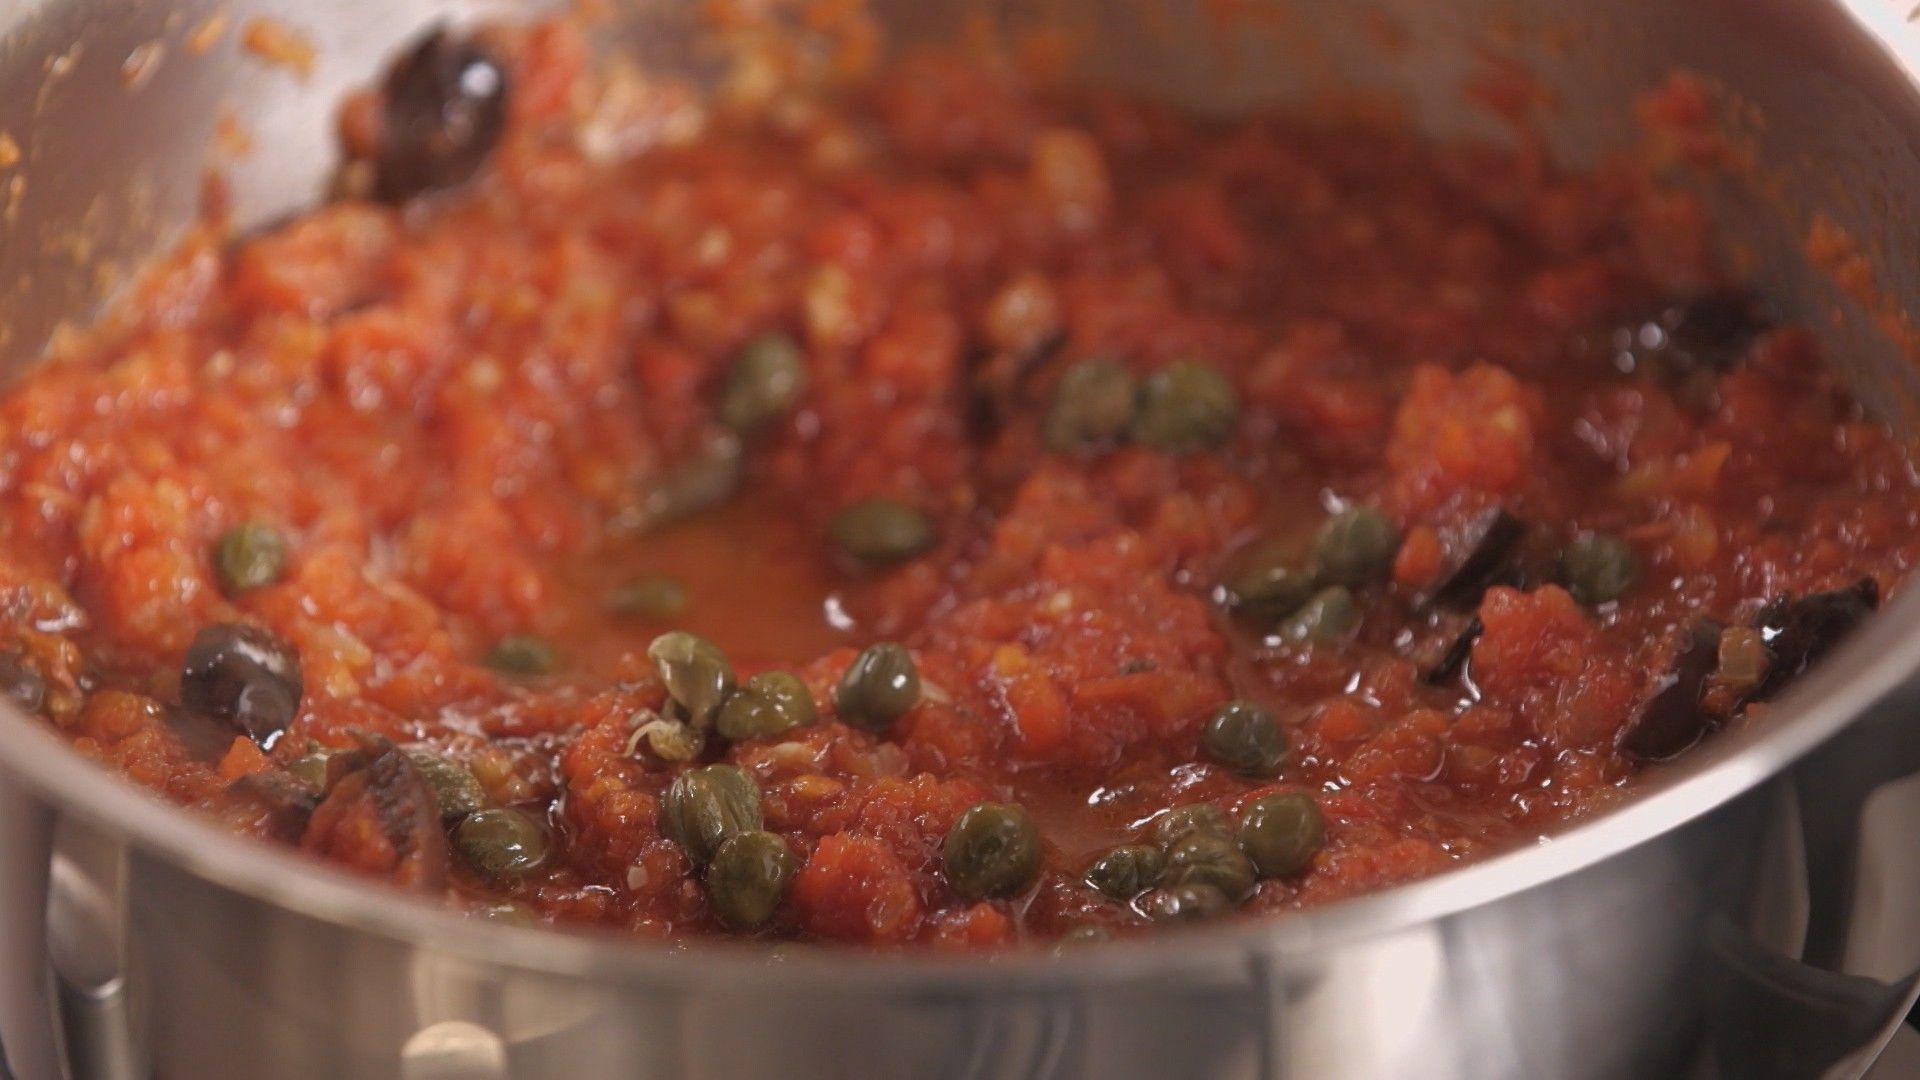 cozinha prtica vero 2017, cozinha prtica pra viagem, molho de tomate caseiro, molho de tomate caseiro com aliche, alcaparras (Foto: Divulgao/GNT)